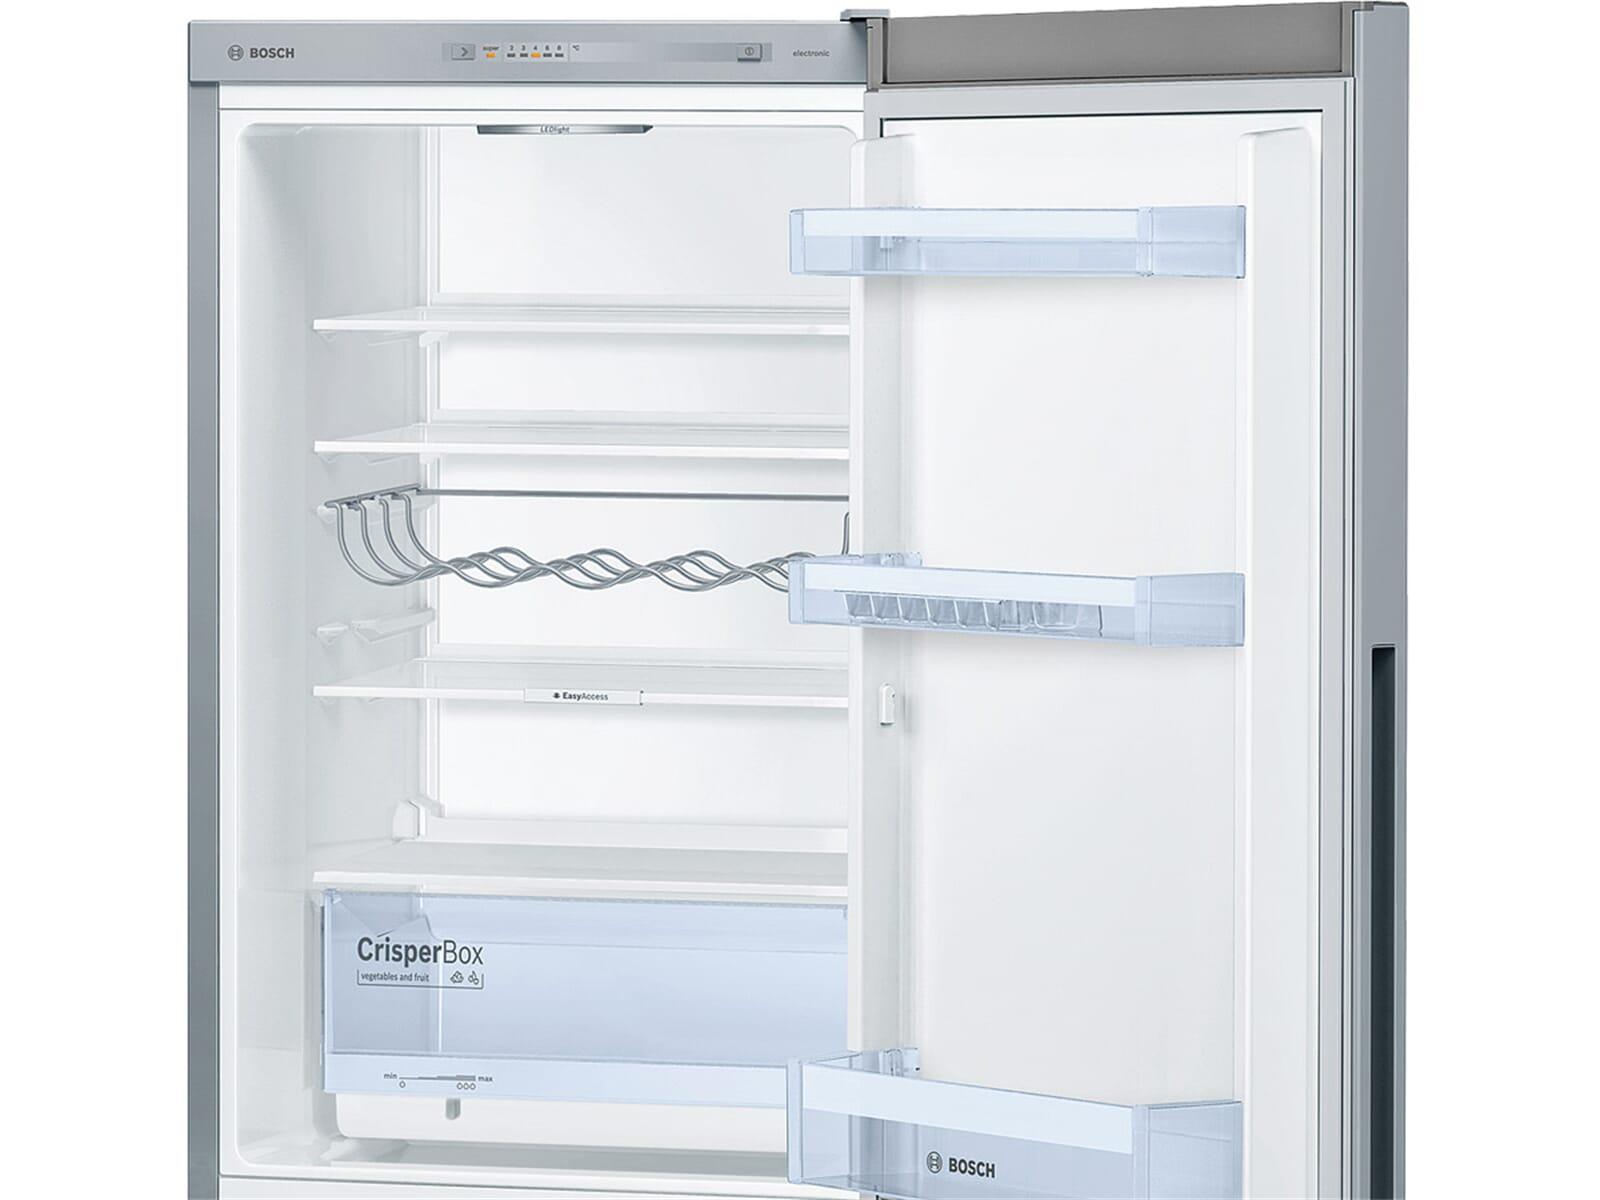 Bosch Kühlschrank Nostalgie : Bosch kgv vl kühl gefrierkombination edelstahl optik